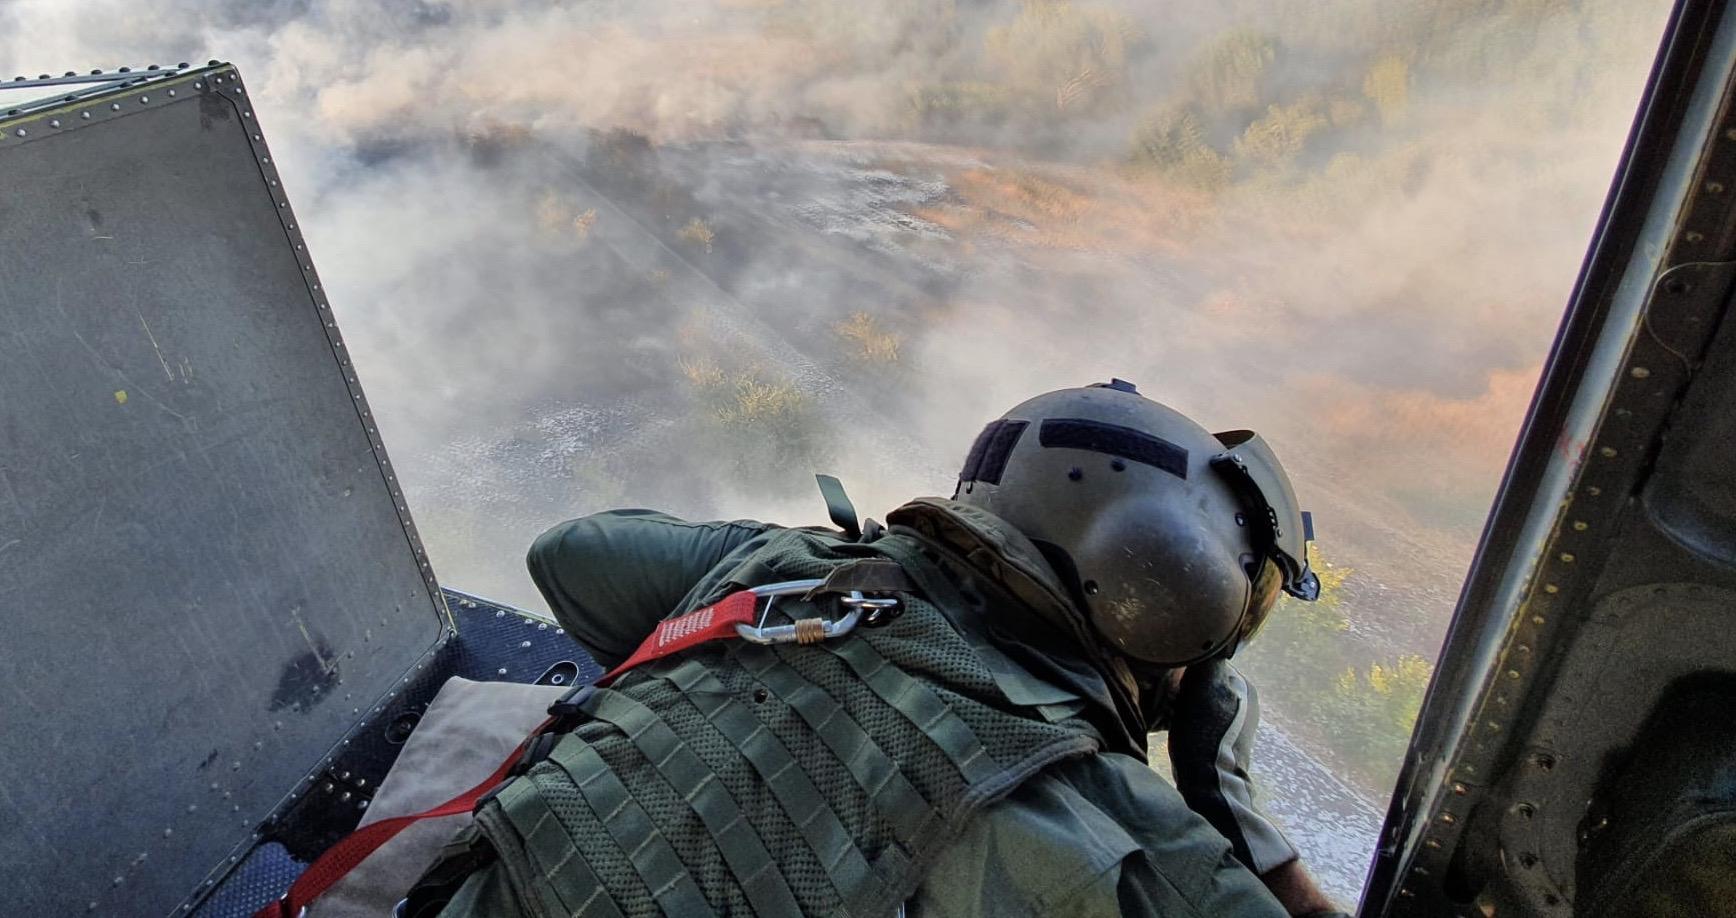 Aviazione dell'Esercito nella campagna antincendi boschivi 2020